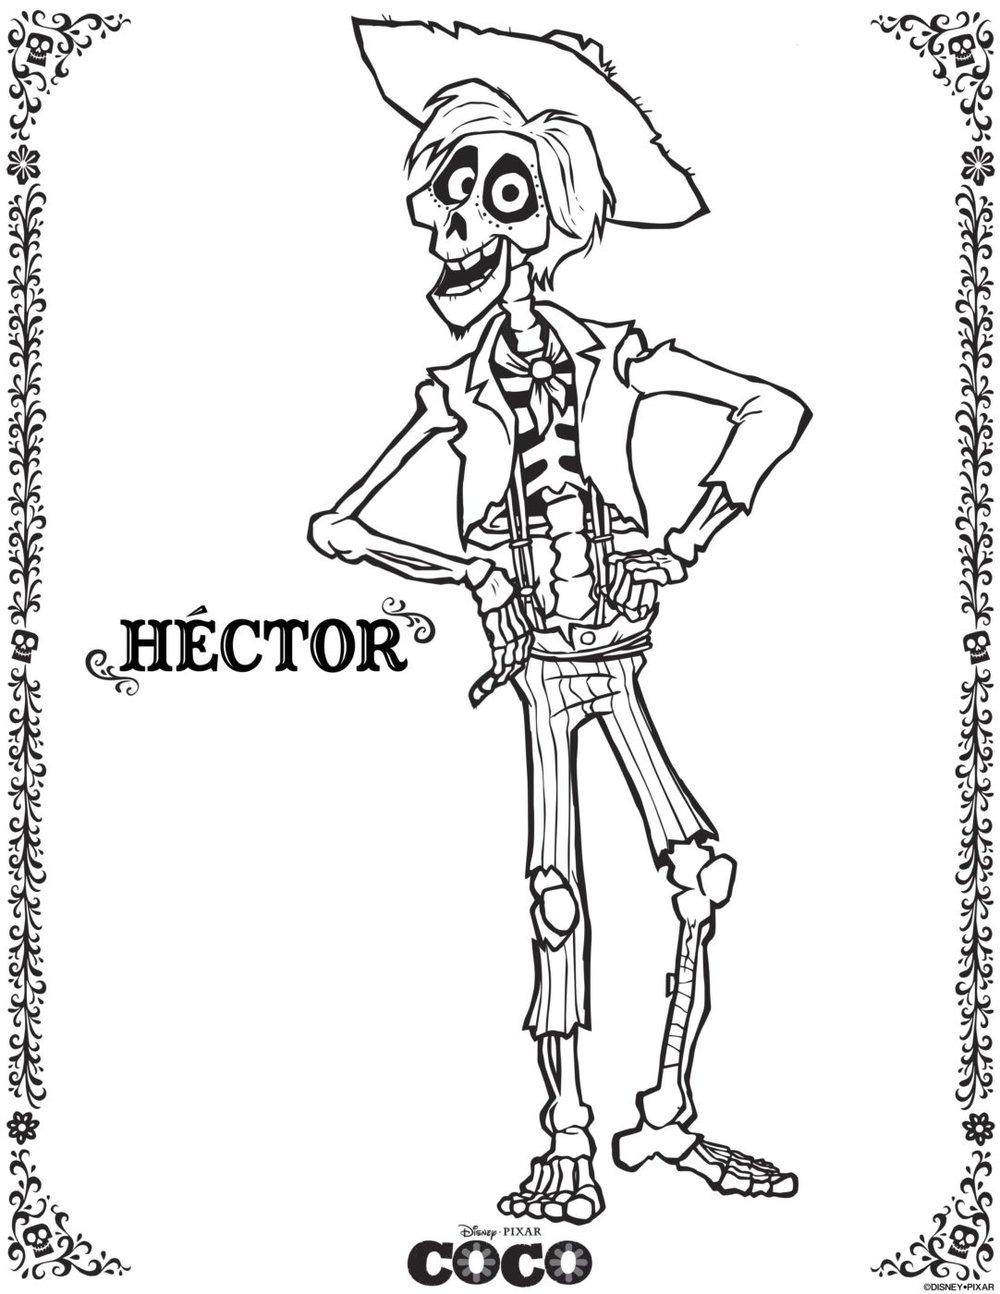 Coco_hector-copy.jpg